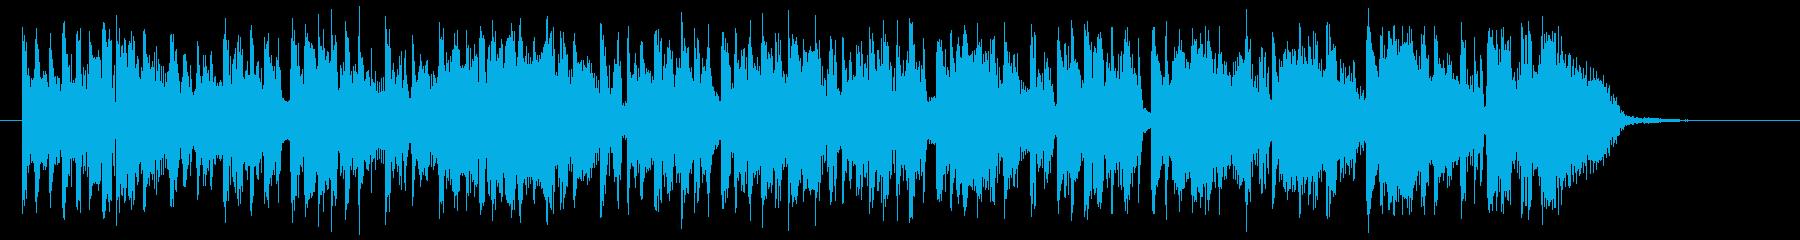 マイナーでクールなピアノジングルの再生済みの波形